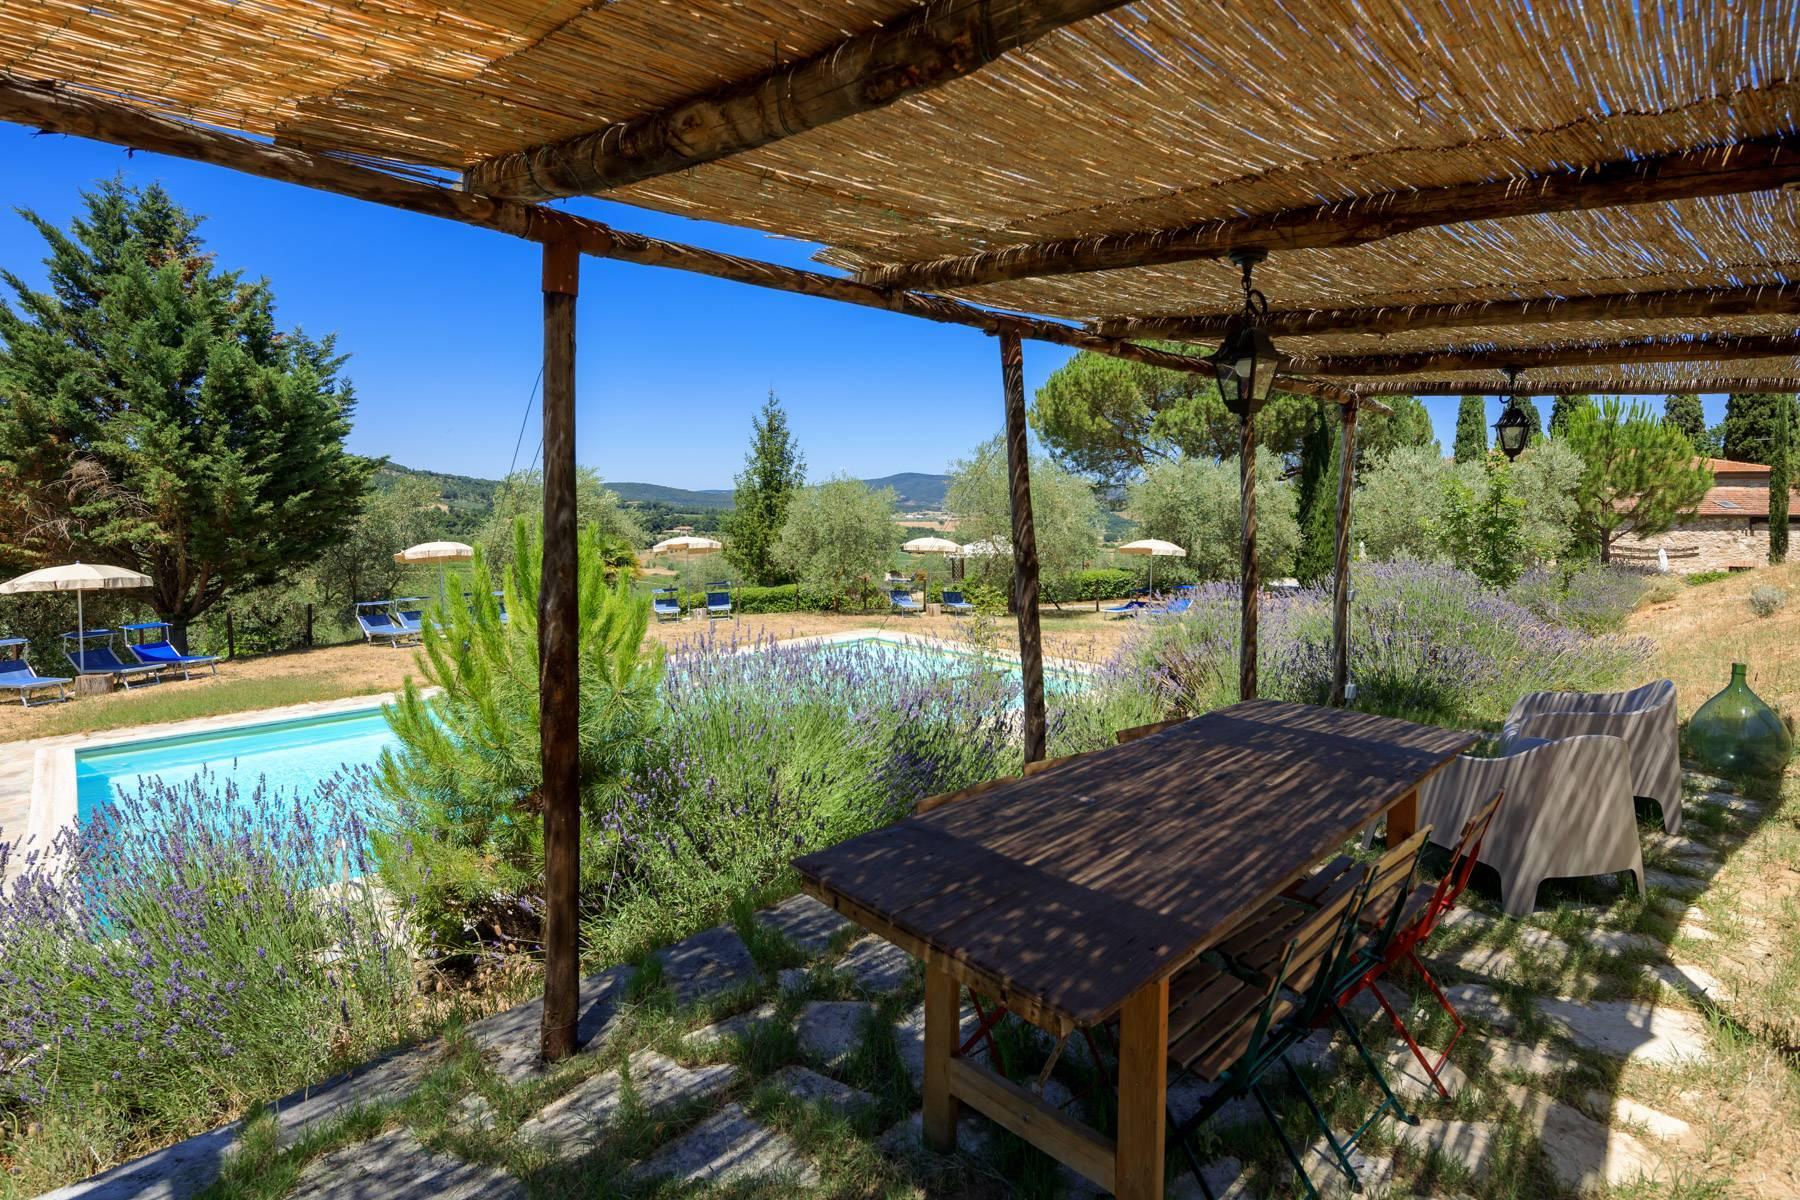 Storico casale nel cuore delle crete senesi con piscina - 5